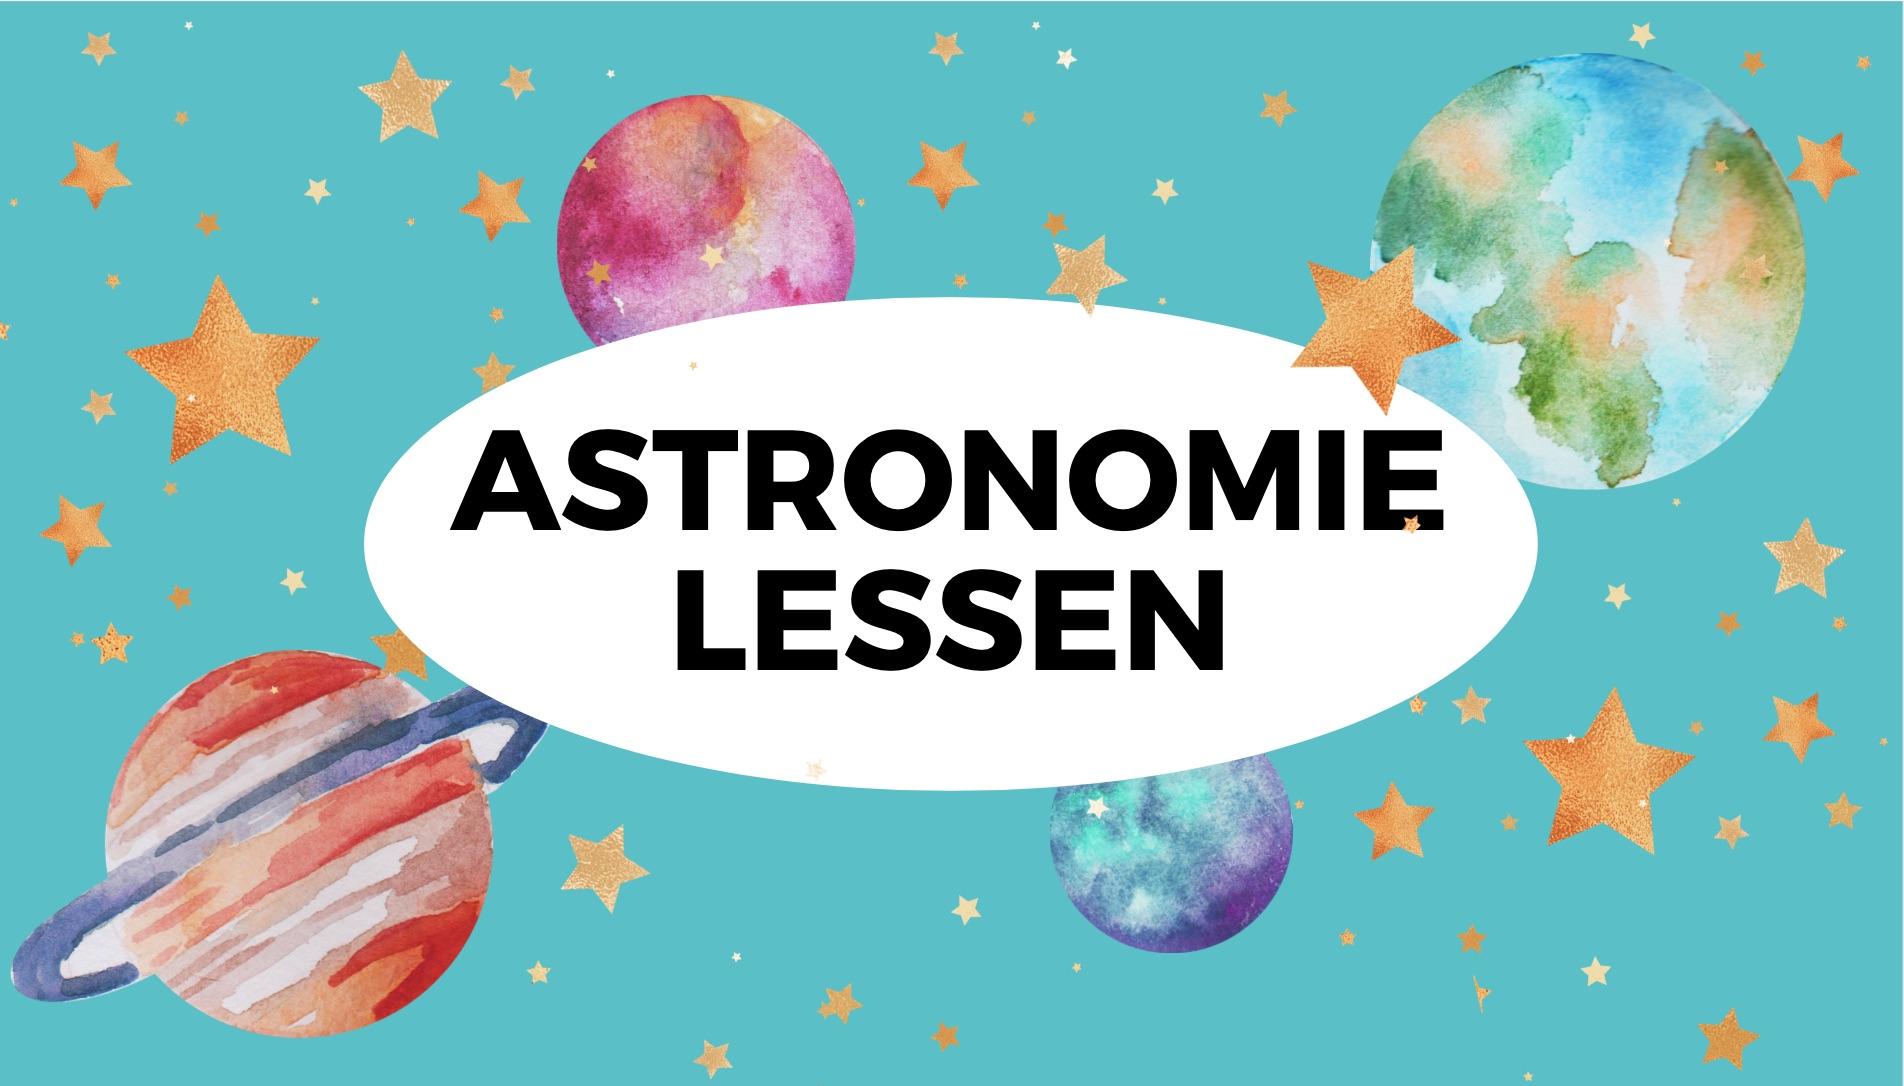 Astronomie voor beginners